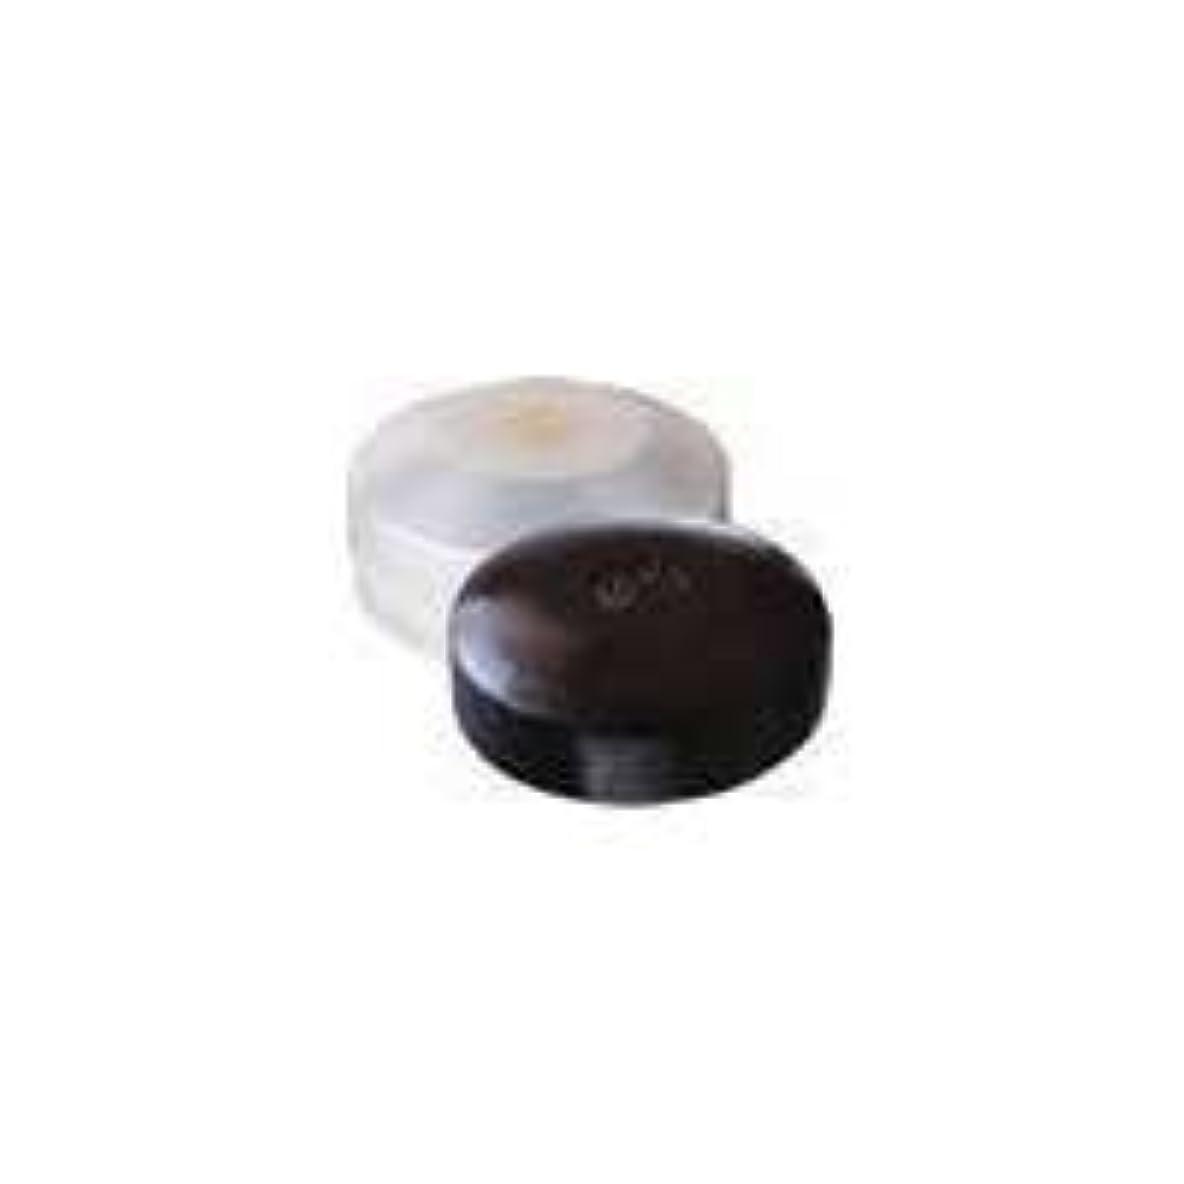 才能のあるすばらしいです激怒マミヤンアロエ基礎化粧品シリーズ アロエクセルソープ 120g(ケース有) まろやかな泡立ち透明石鹸